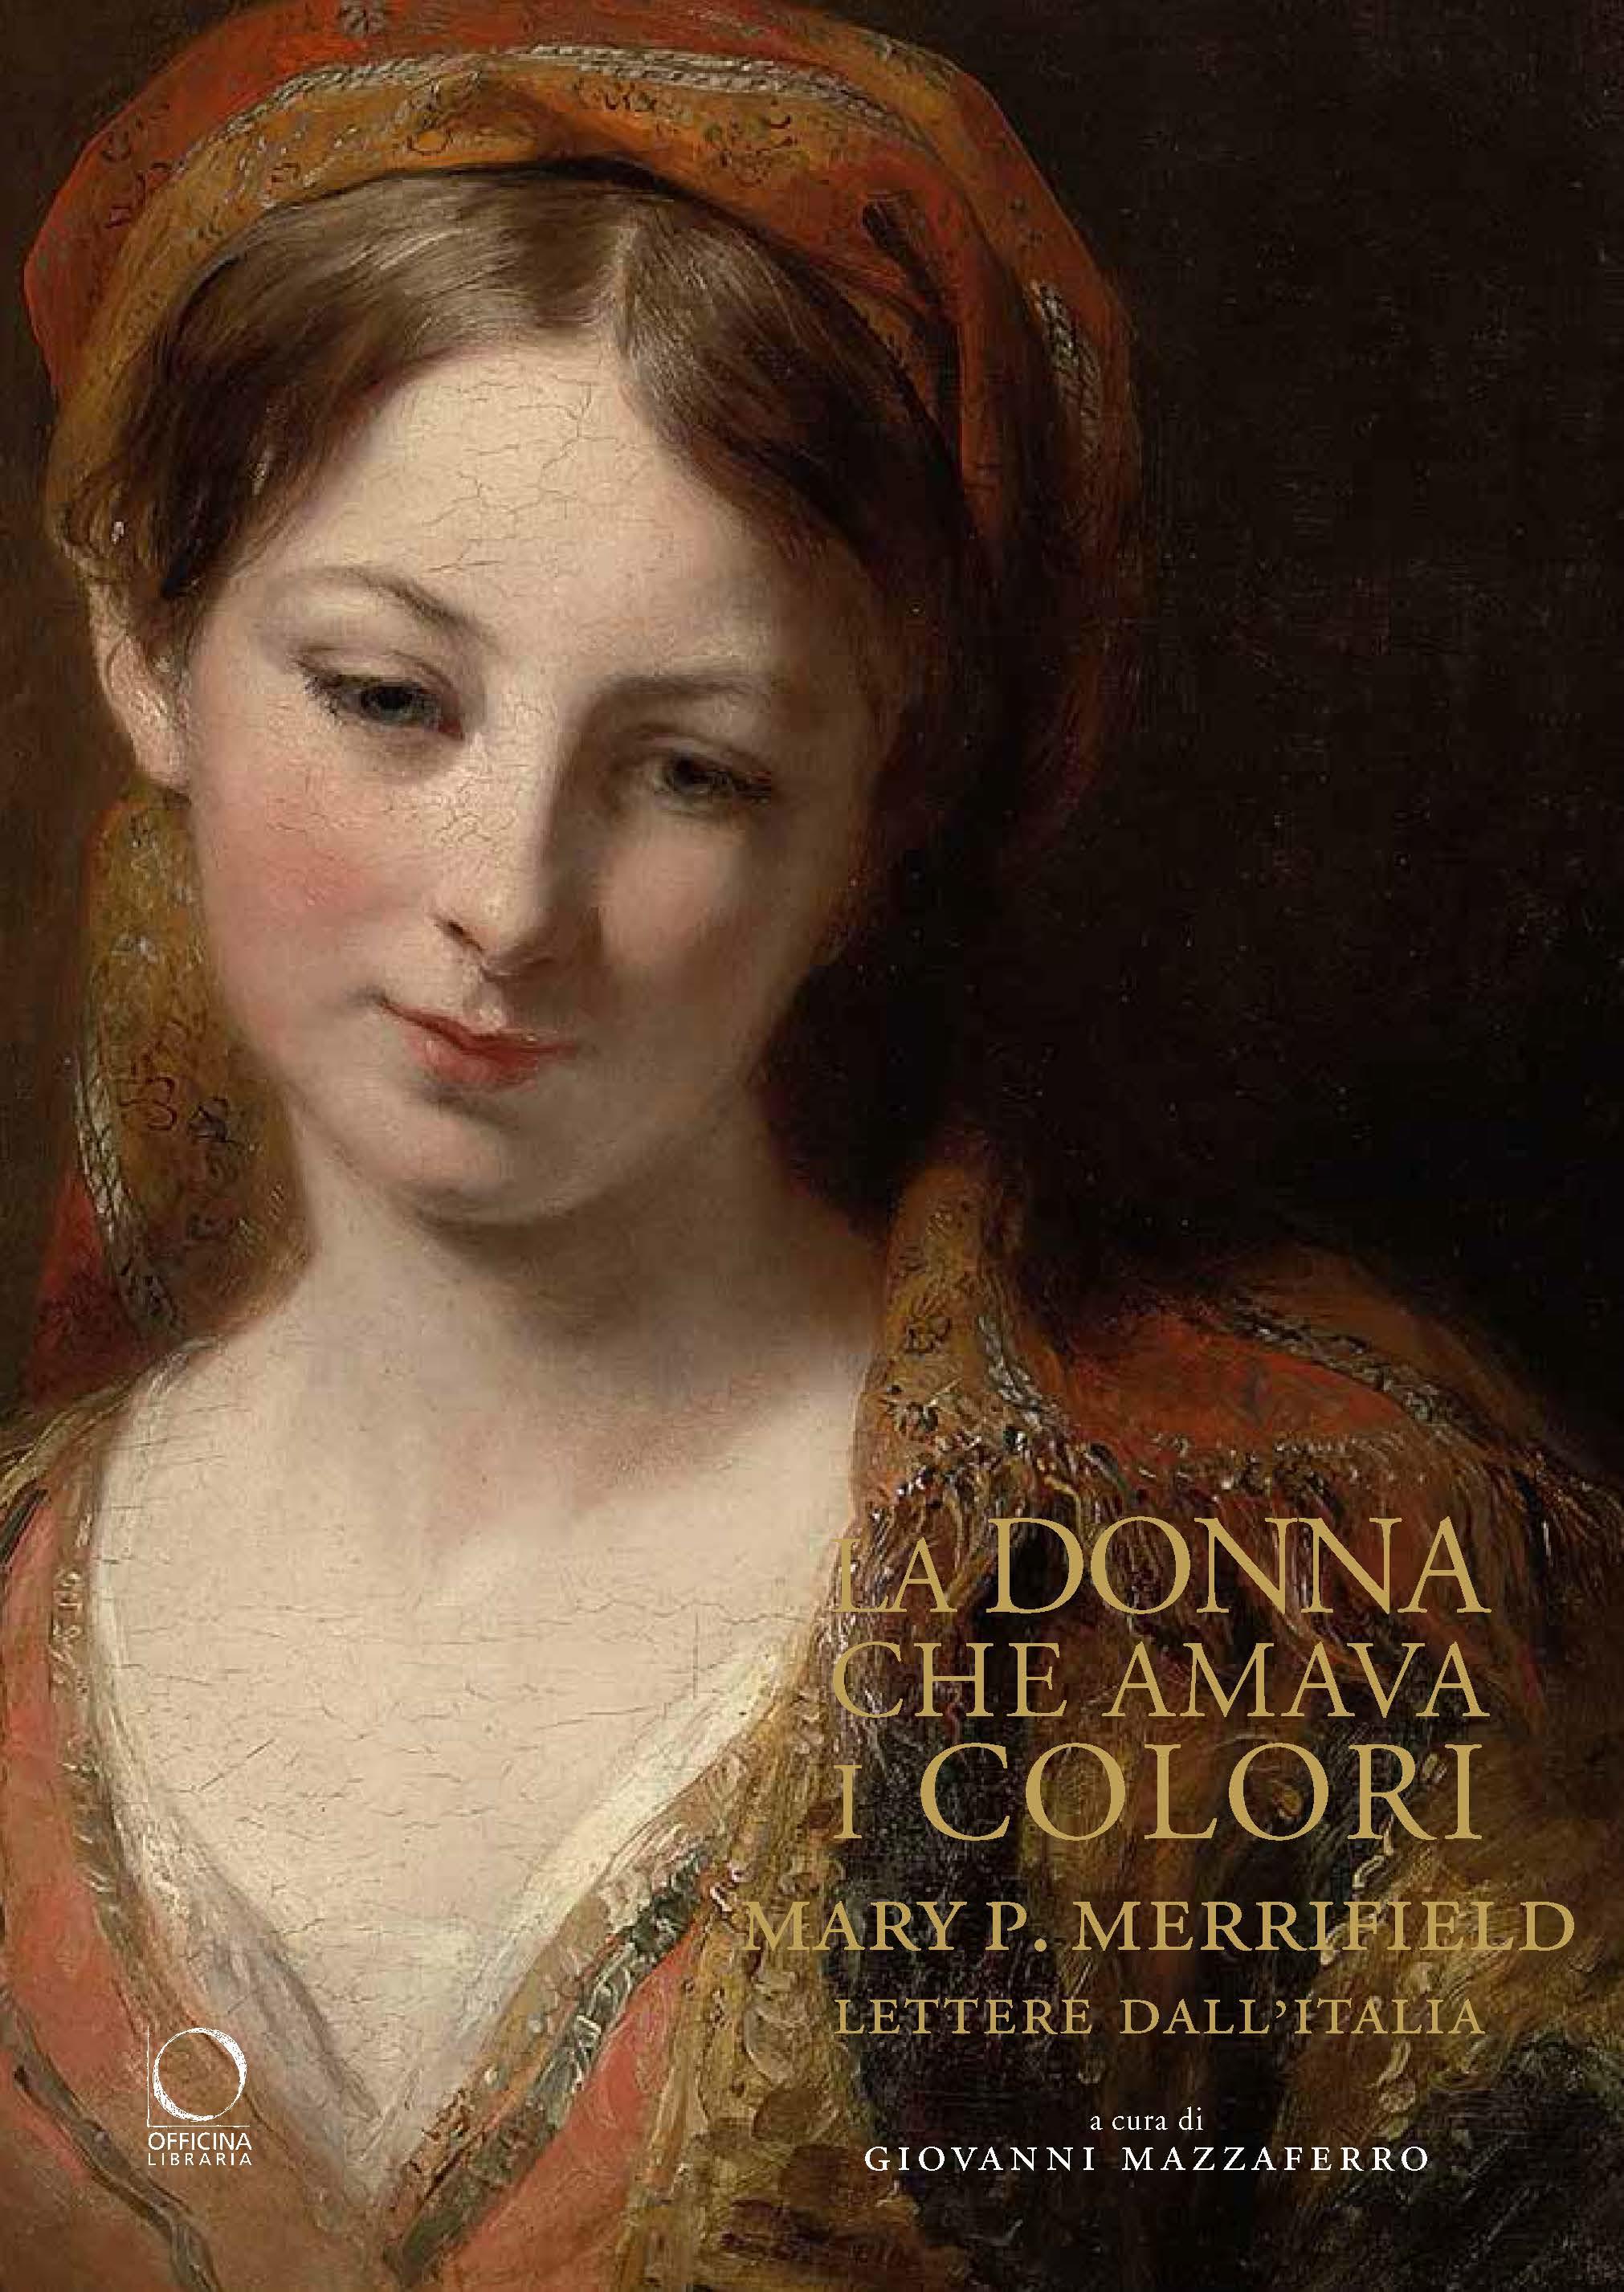 Un libro per conoscere la signora delle tecniche artistiche: le lettere di Mary Merrifield a cura di Giovanni Mazzaferro